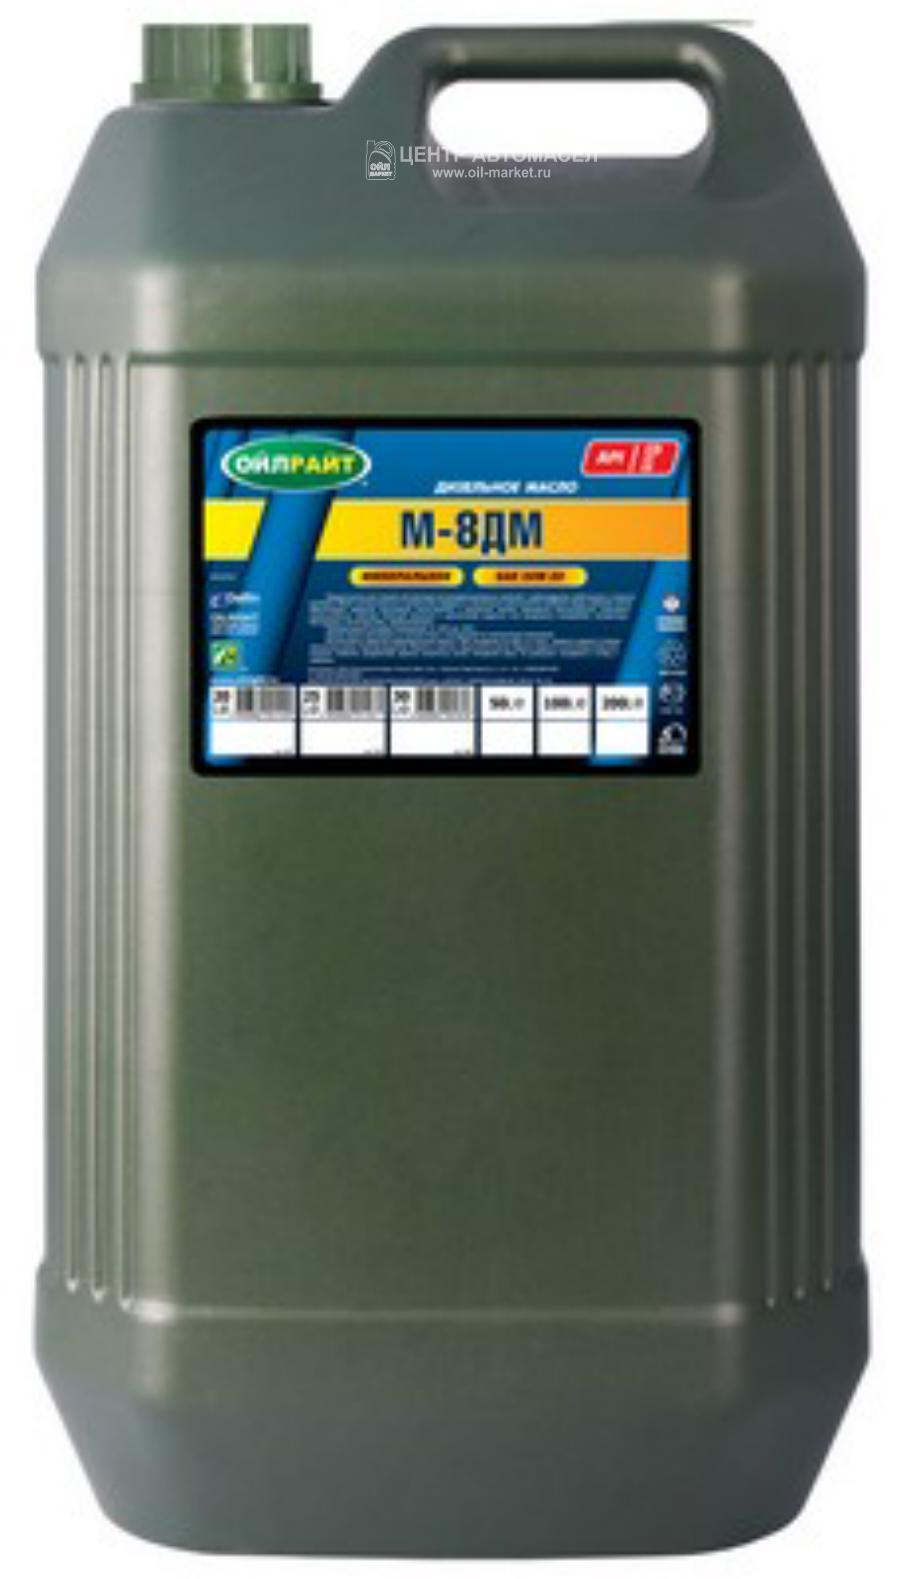 Масло моторное минеральное М-8ДМ 20W-20, 30л